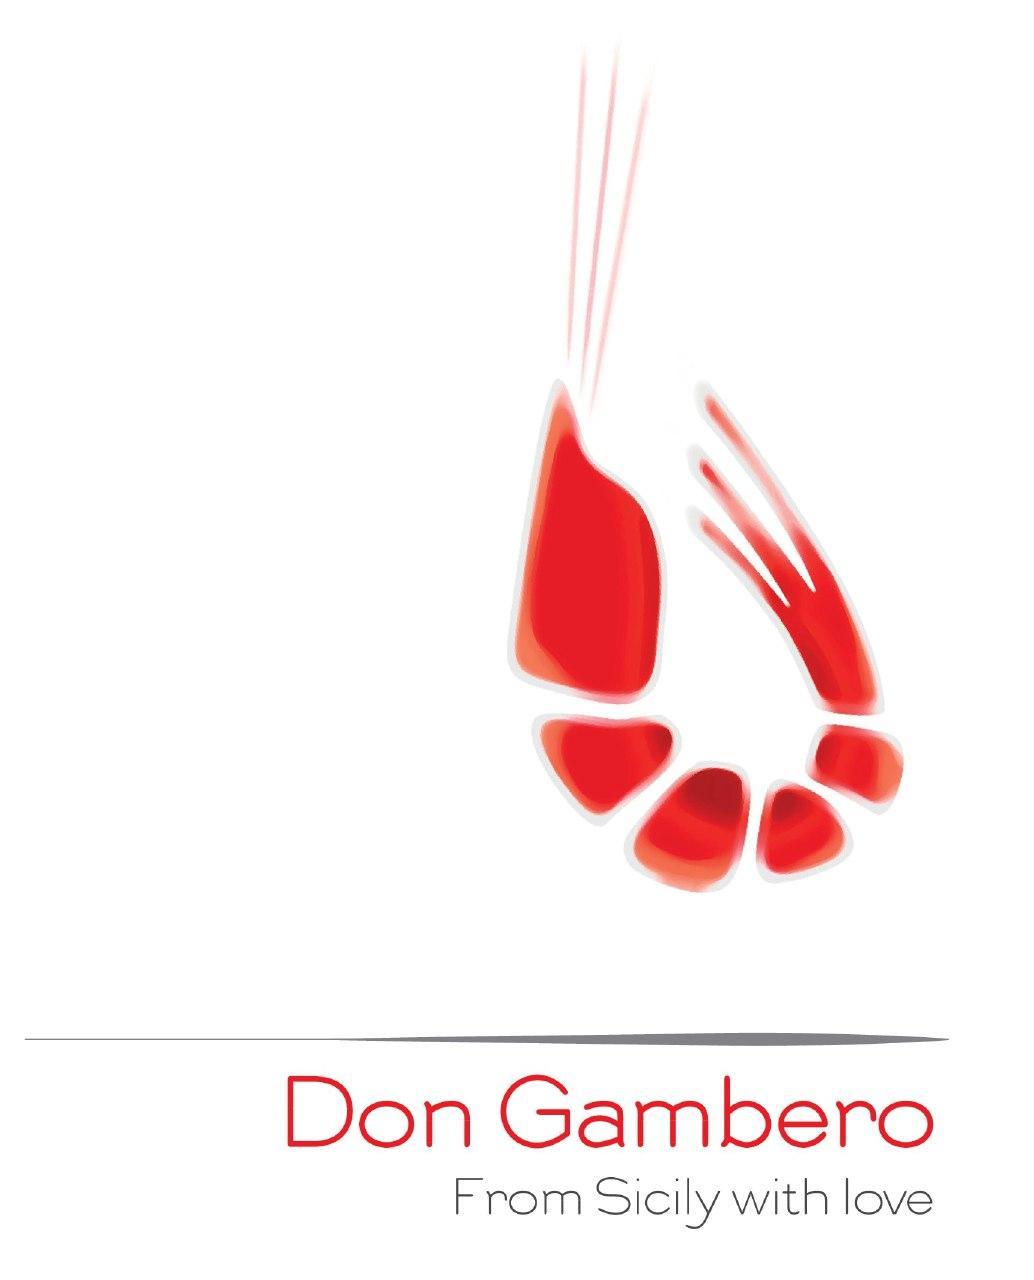 logo-don-gambero